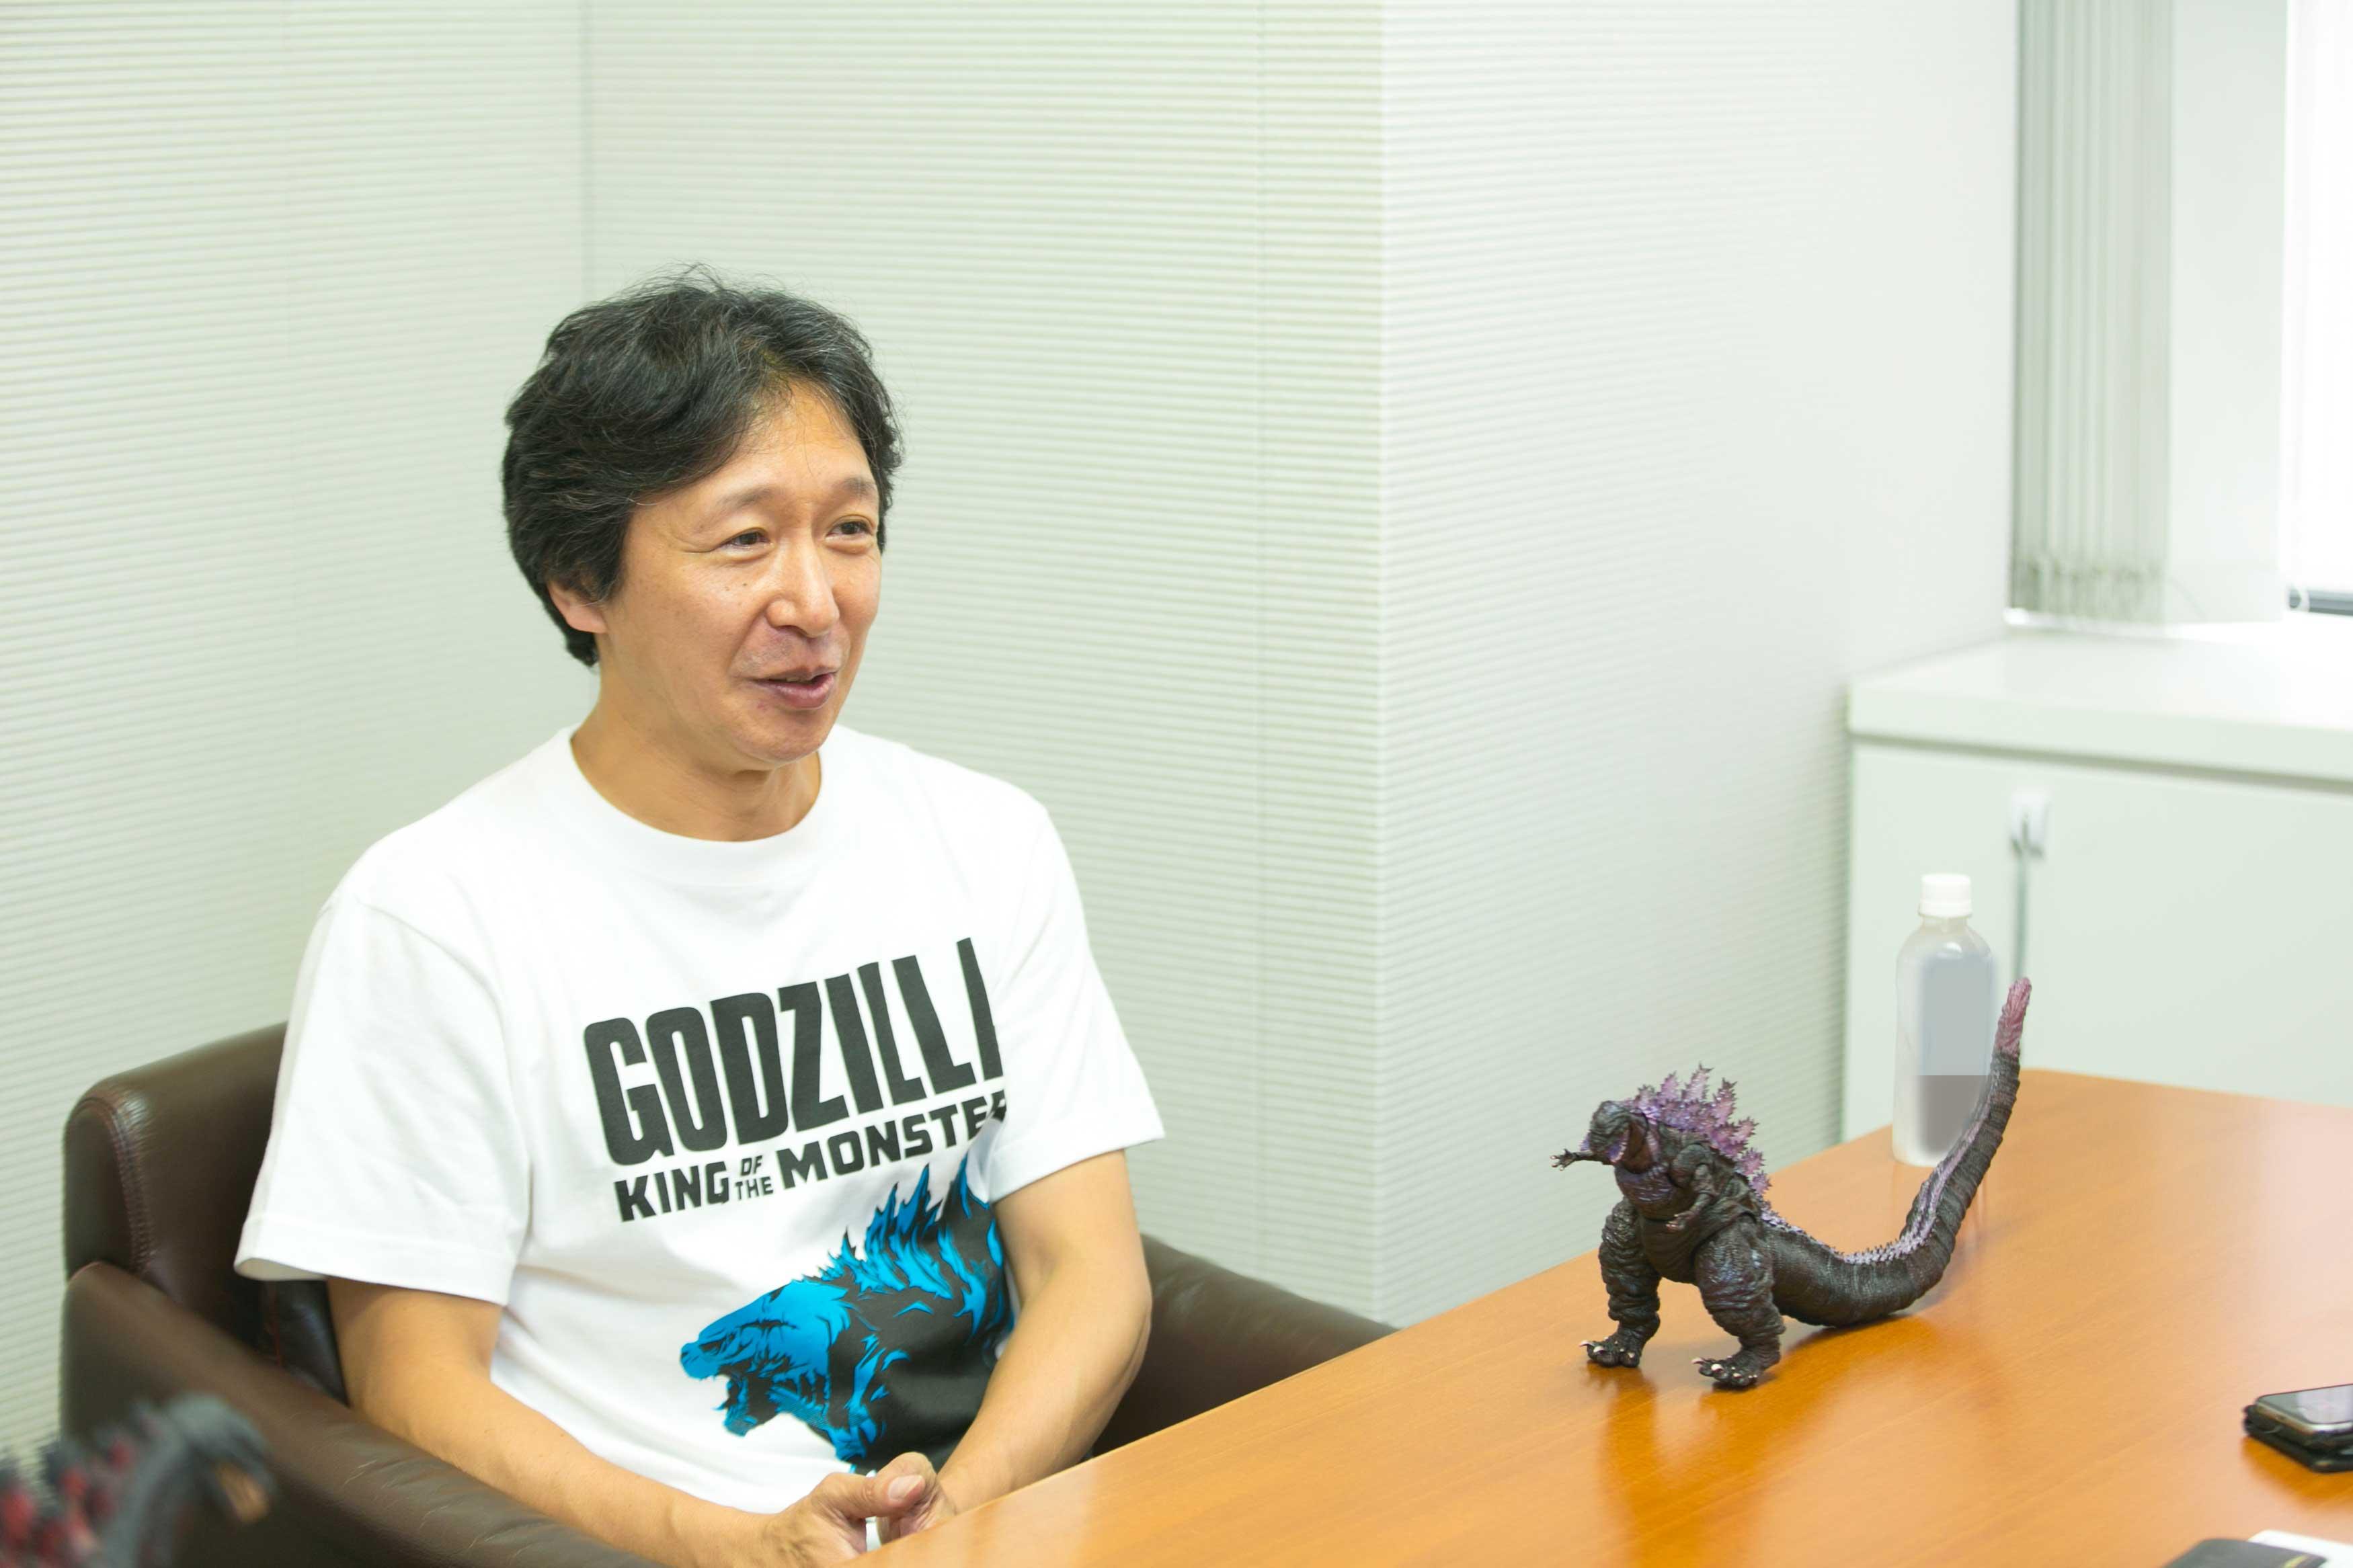 ゴジラ映画で助監督を務めた経歴もお持ちの清水俊文さん